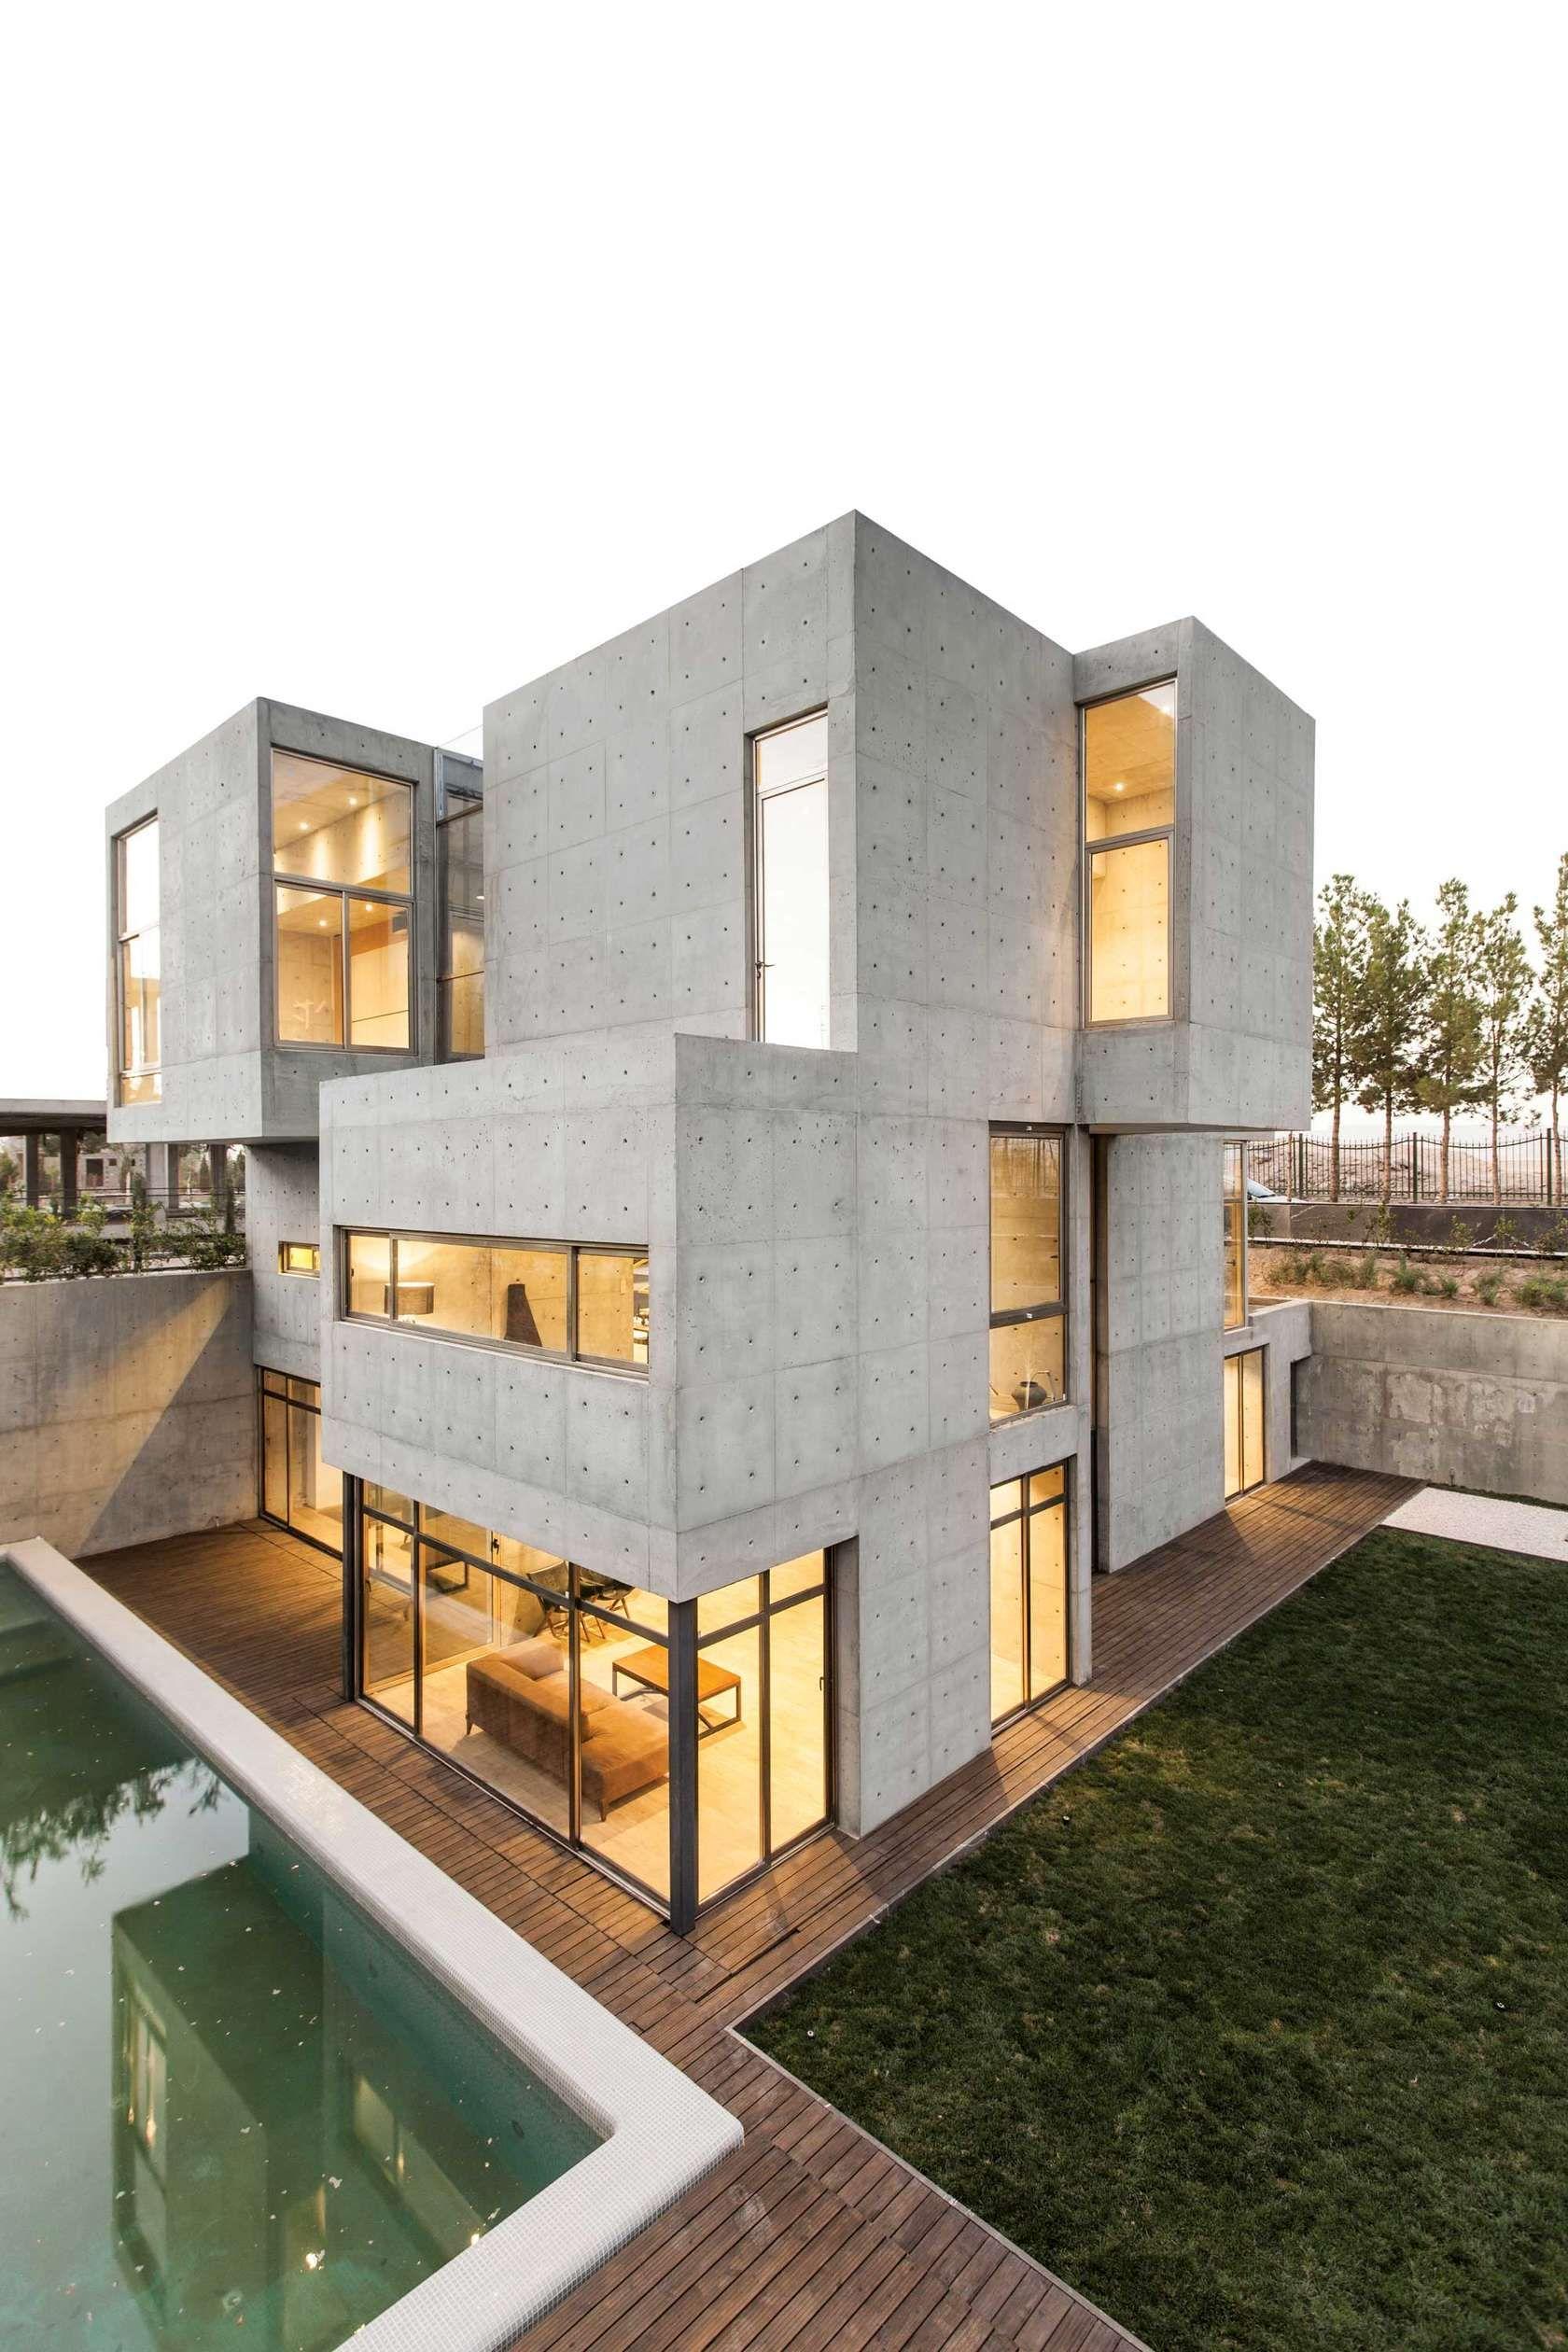 pin von anam wagner auf houses pinterest architektur moderne h user und traumh user. Black Bedroom Furniture Sets. Home Design Ideas